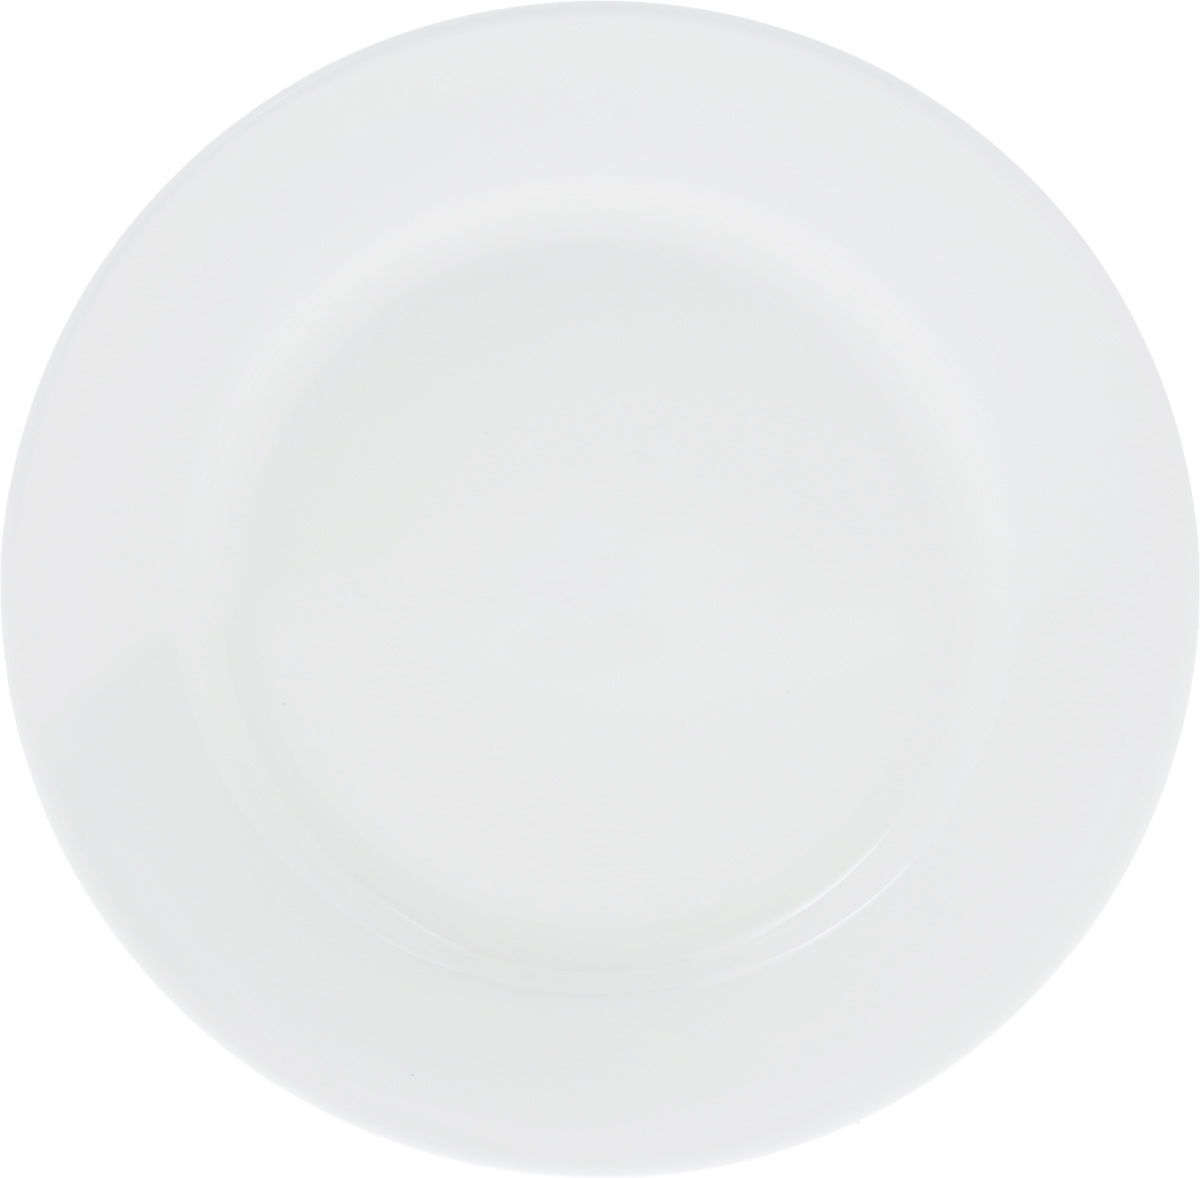 Тарелка Wilmax, диаметр 18 см. WL-991177 / AWL-991177 / AТарелка Wilmax, выполненная из высококачественного фарфора, имеет классическую круглую форму.Изделие идеально подойдет для сервировки стола и станет отличным подарком к любому празднику.